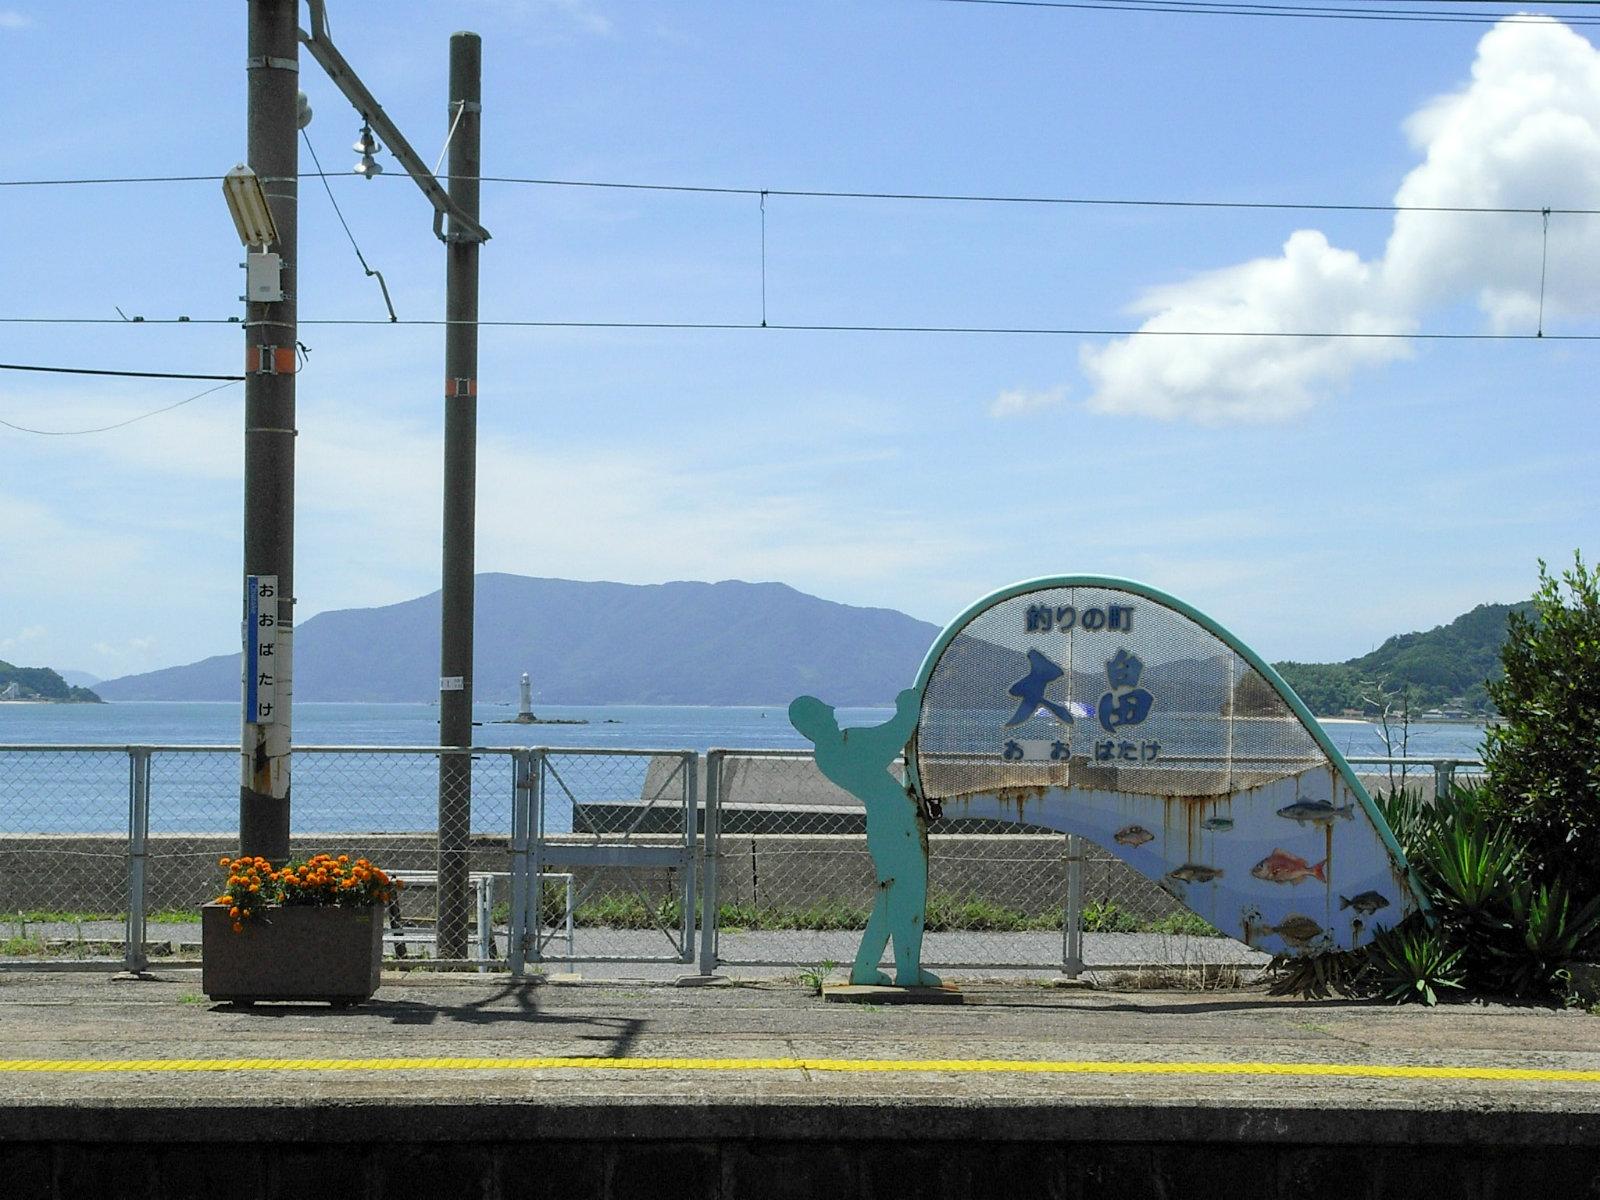 大畠駅にある看板「釣りの町 大畠」